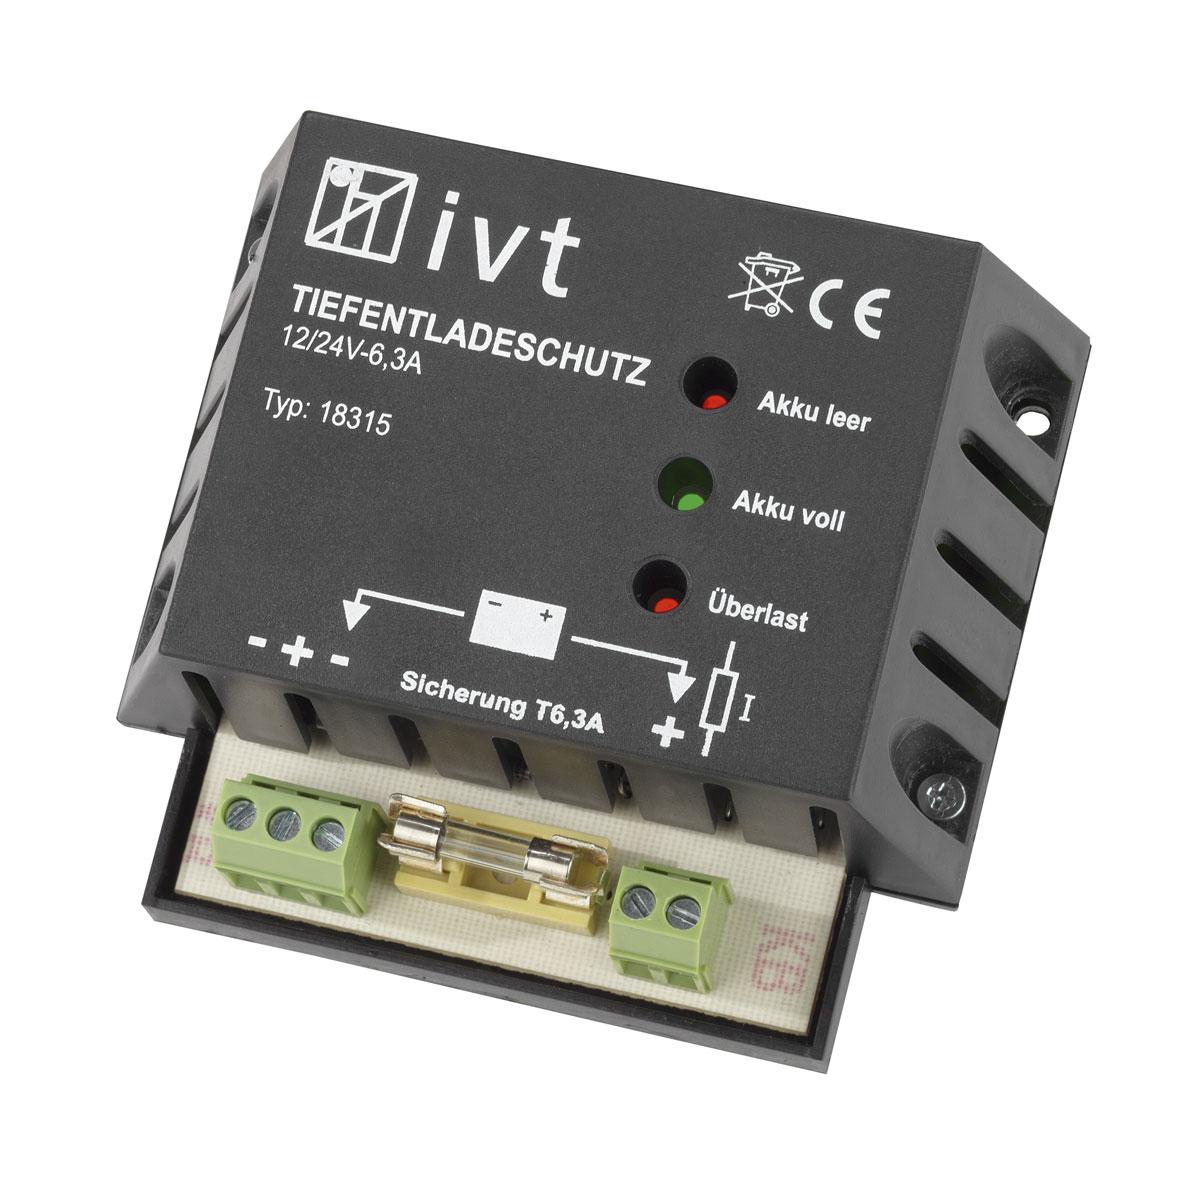 12V/24V napelemes töltésvezérlő 6A akkumulátor állapot kijelzővel